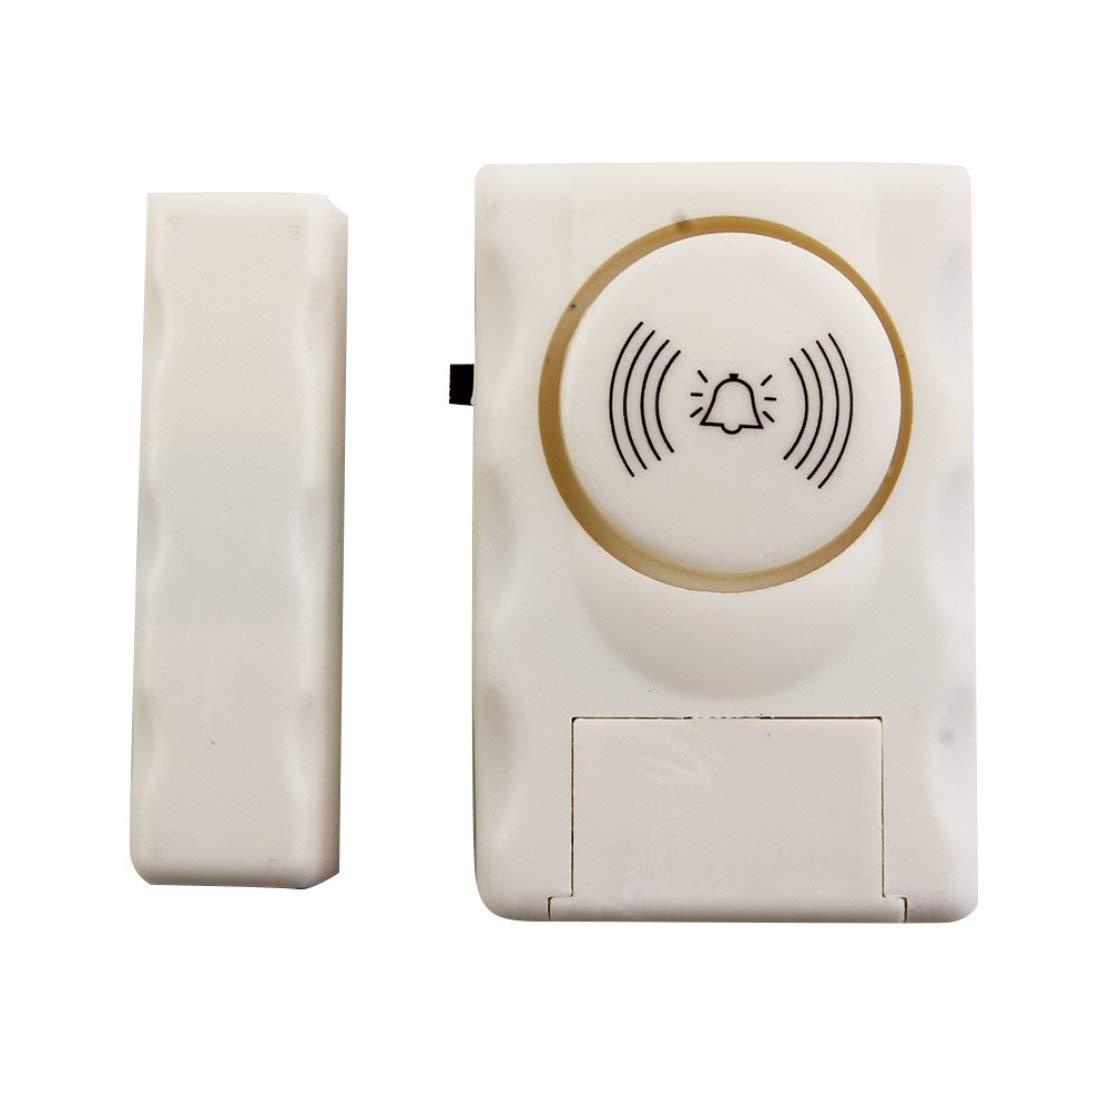 Sú per Loud Decibel Inalá mbrico Anti Hurto Perdido Dispositivo de Alarma Hogar Puerta Ventana de Alarma de Entrada Casa de Seguridad Sistema de Seguridad Laurelmartina